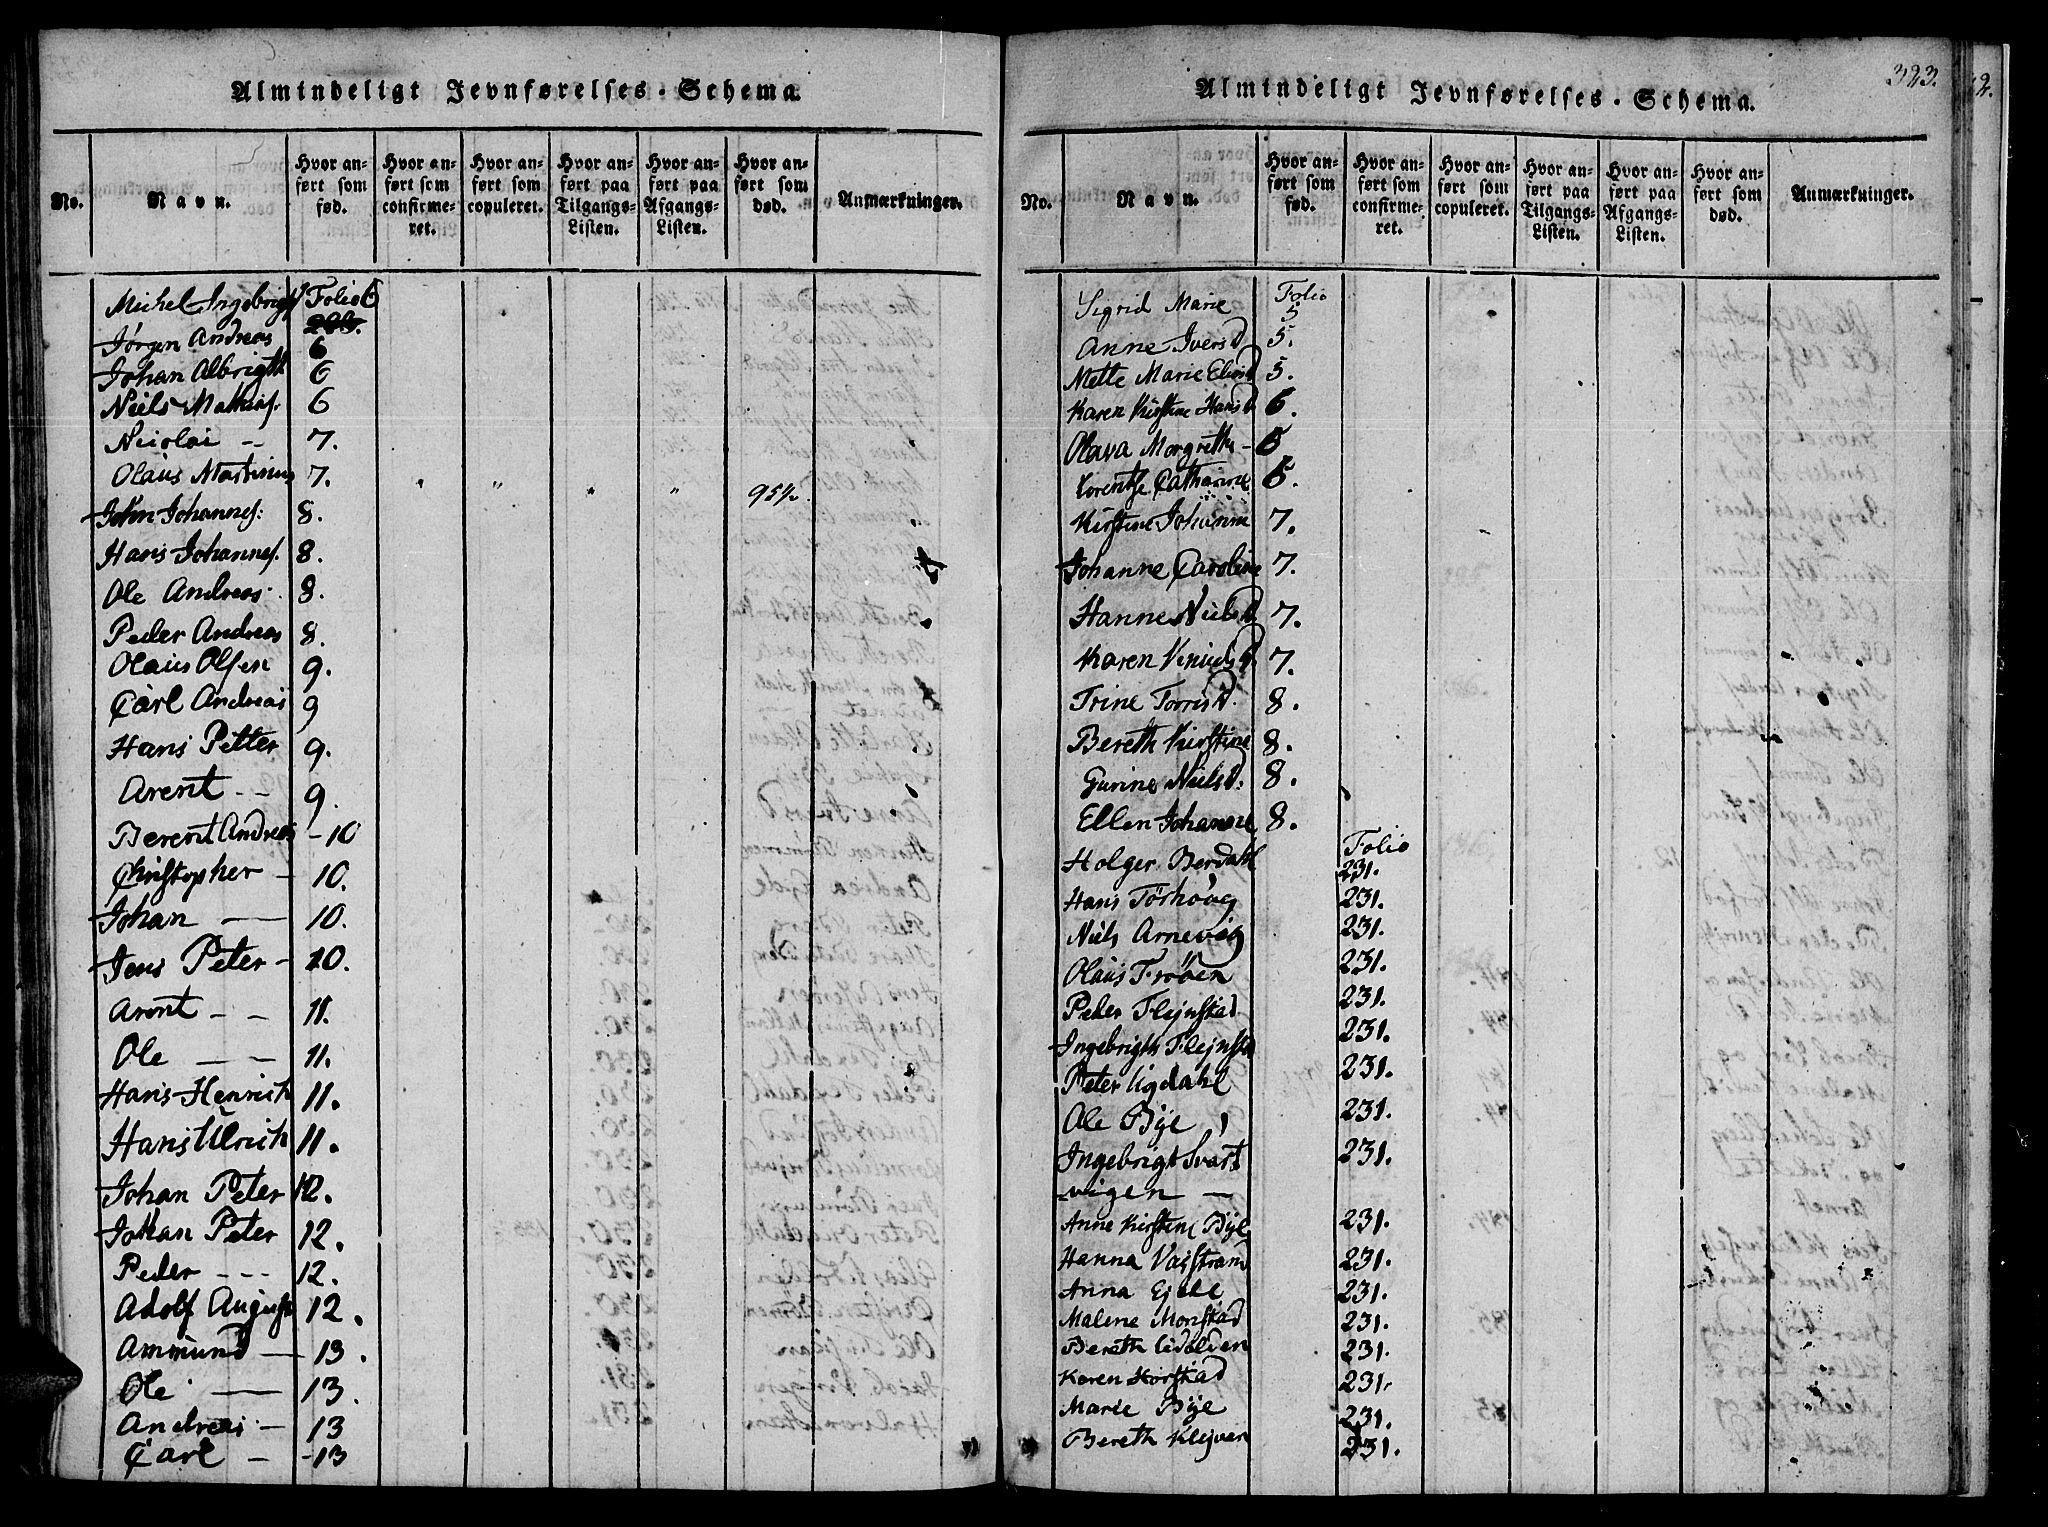 SAT, Ministerialprotokoller, klokkerbøker og fødselsregistre - Sør-Trøndelag, 655/L0675: Ministerialbok nr. 655A04, 1818-1830, s. 323